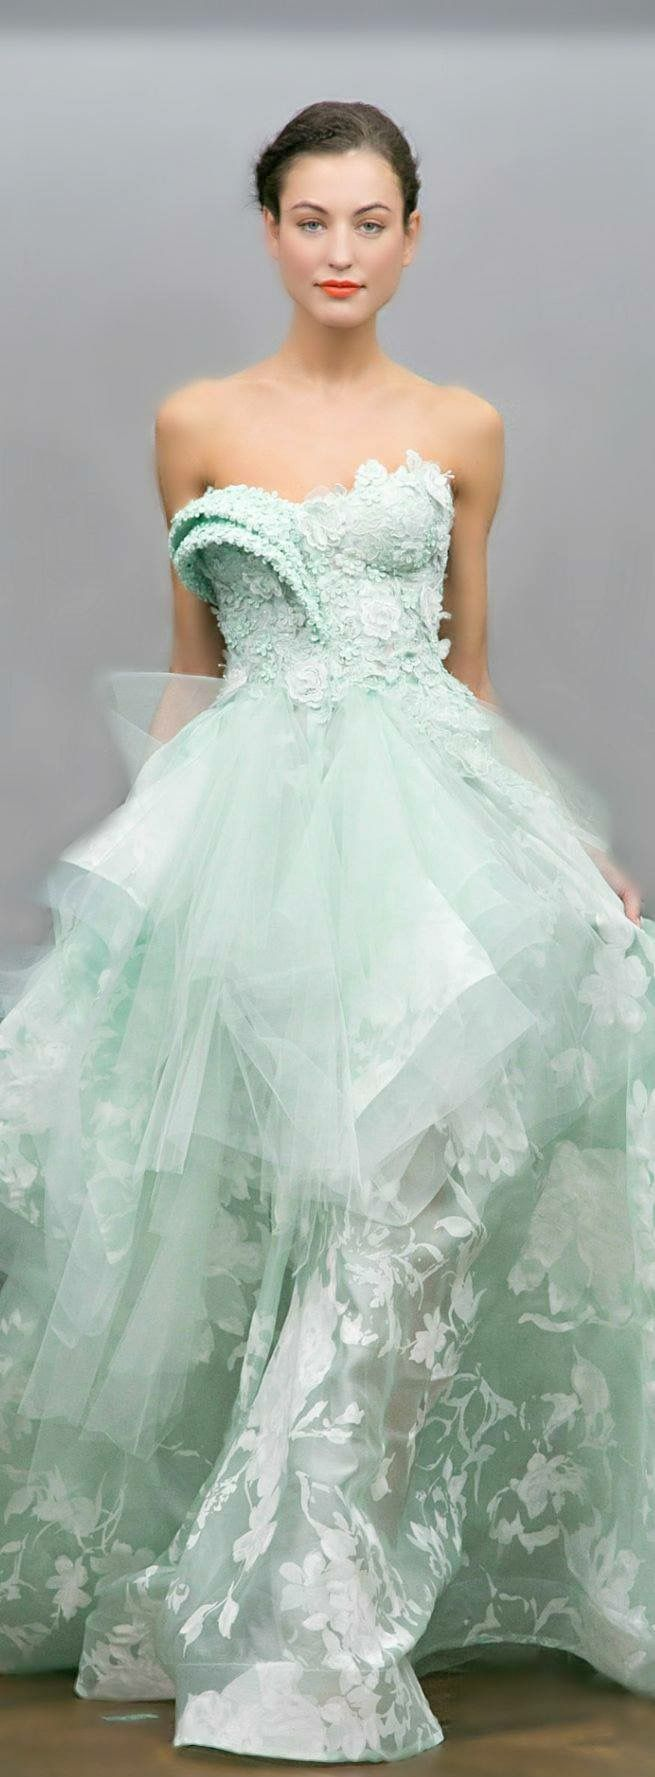 Mejores 77 imágenes de Boda - Vestido novia en Pinterest | Vestidos ...